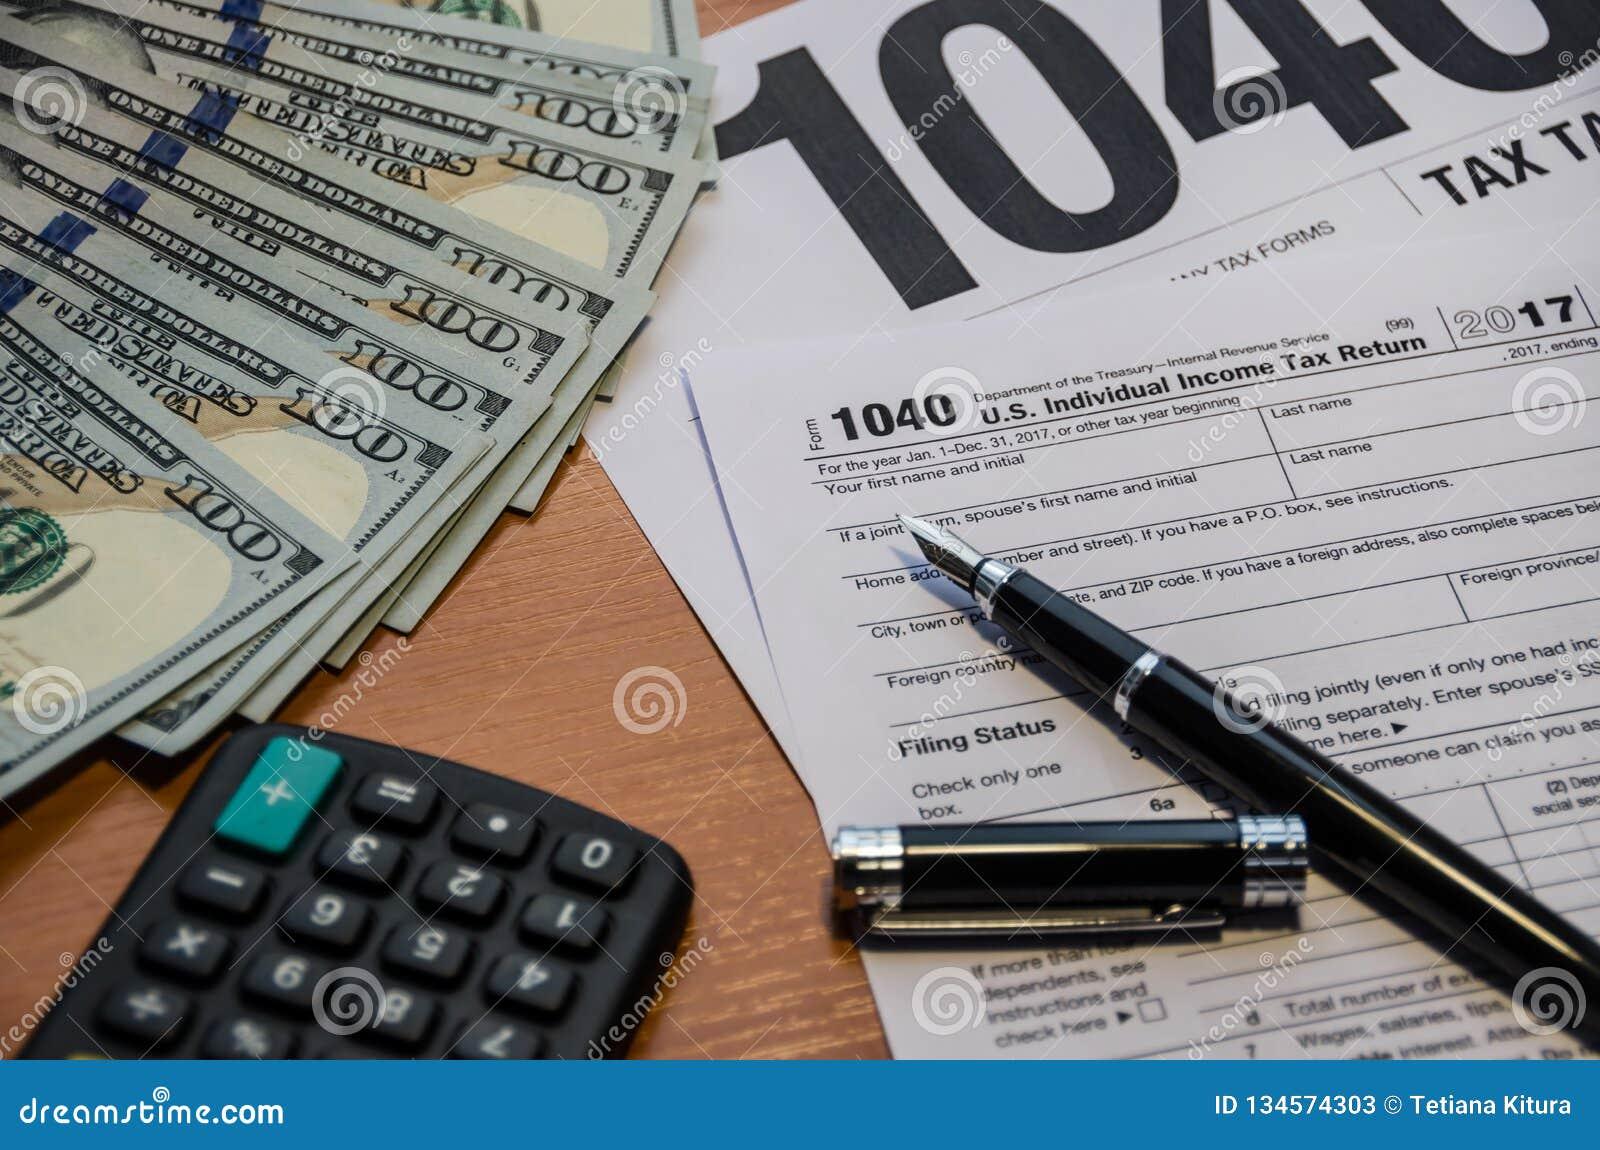 Podatek forma 1040, pióro, dolary, kalkulator na stole